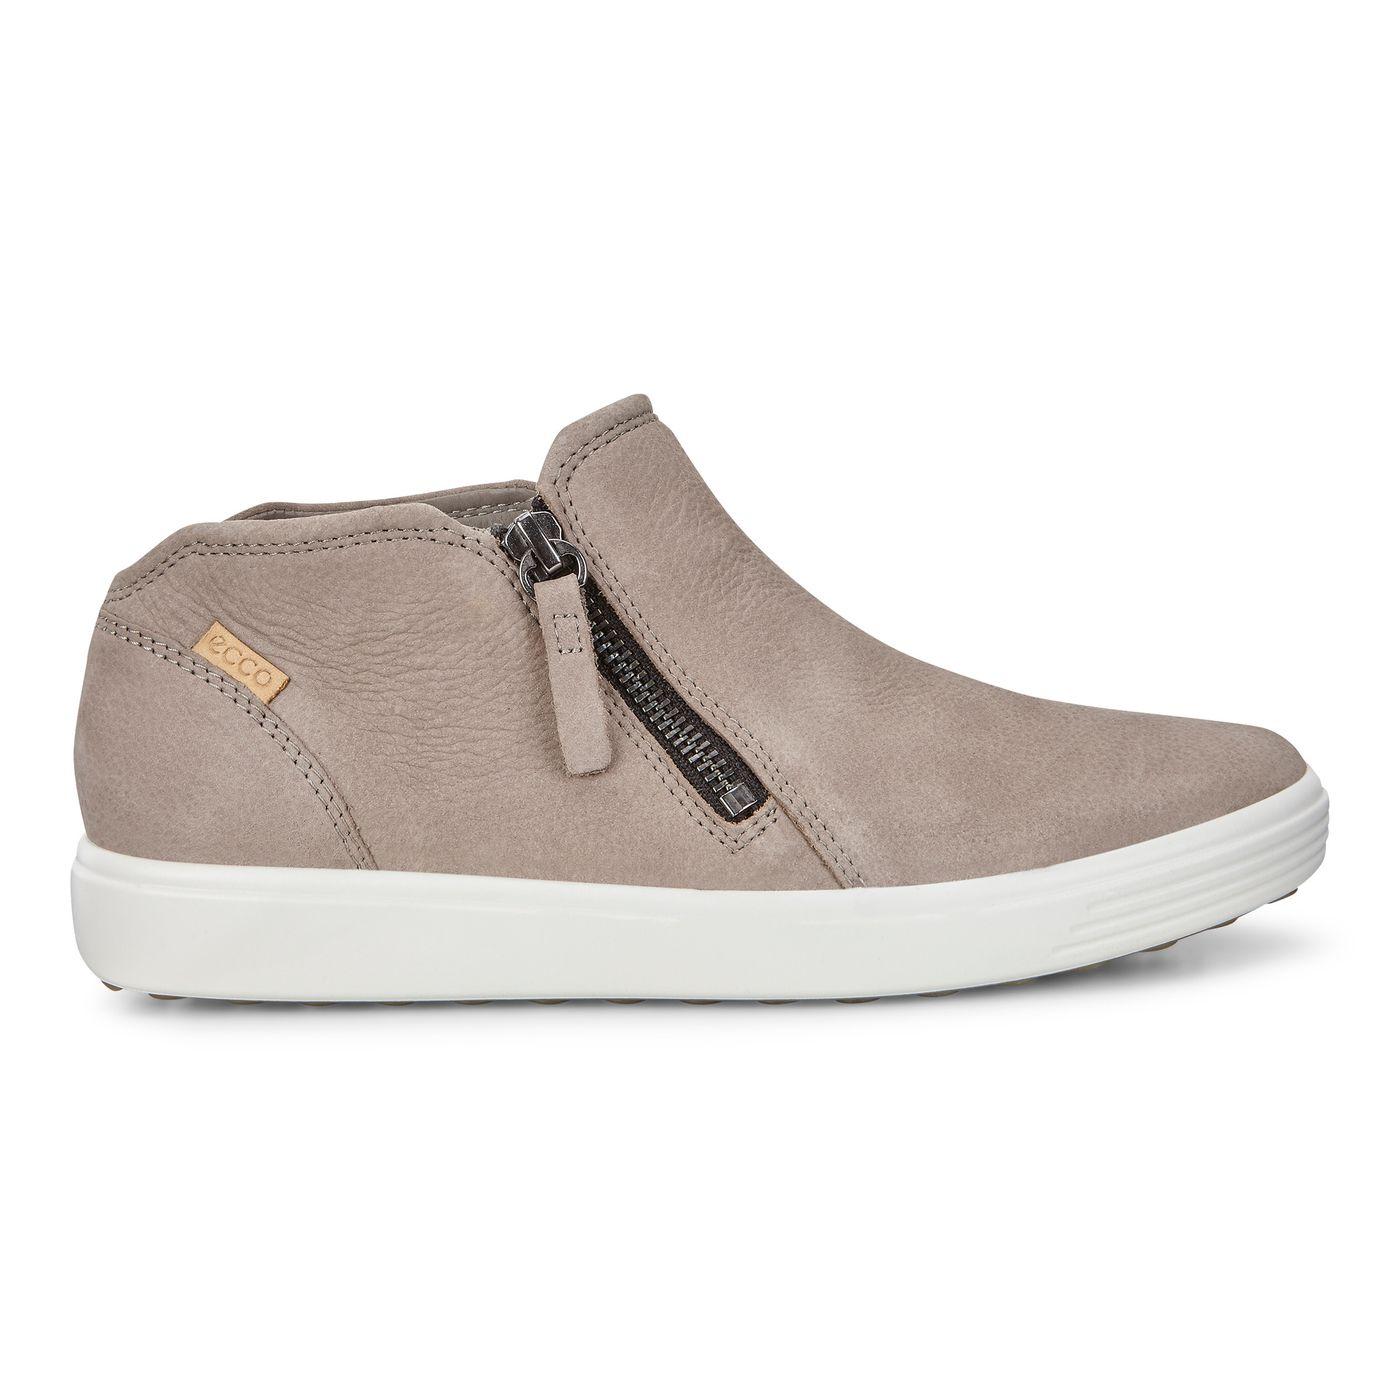 Womens casual boots, Ecco shoes women